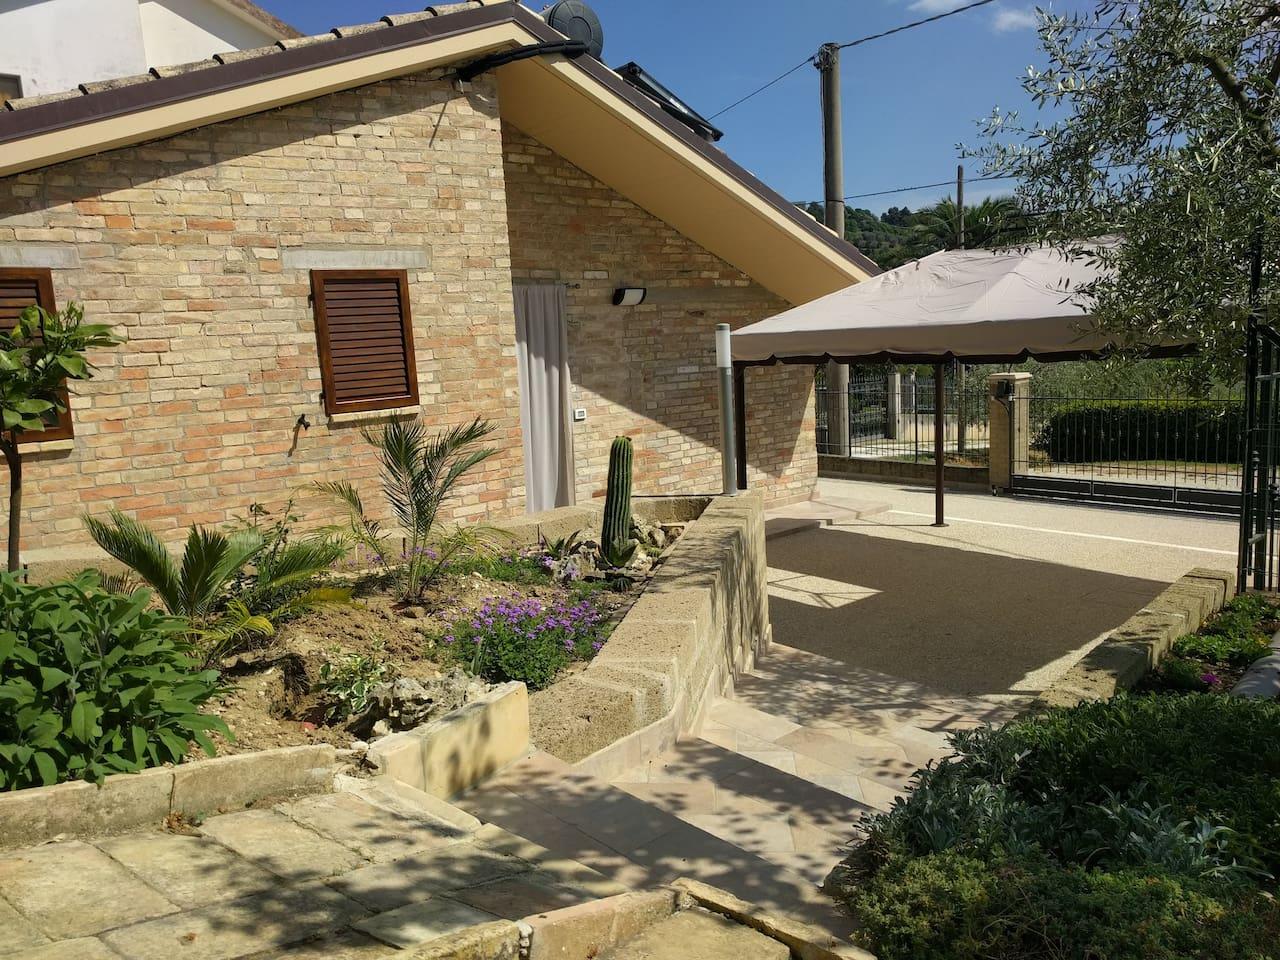 Cortile con gazebo - Front yard